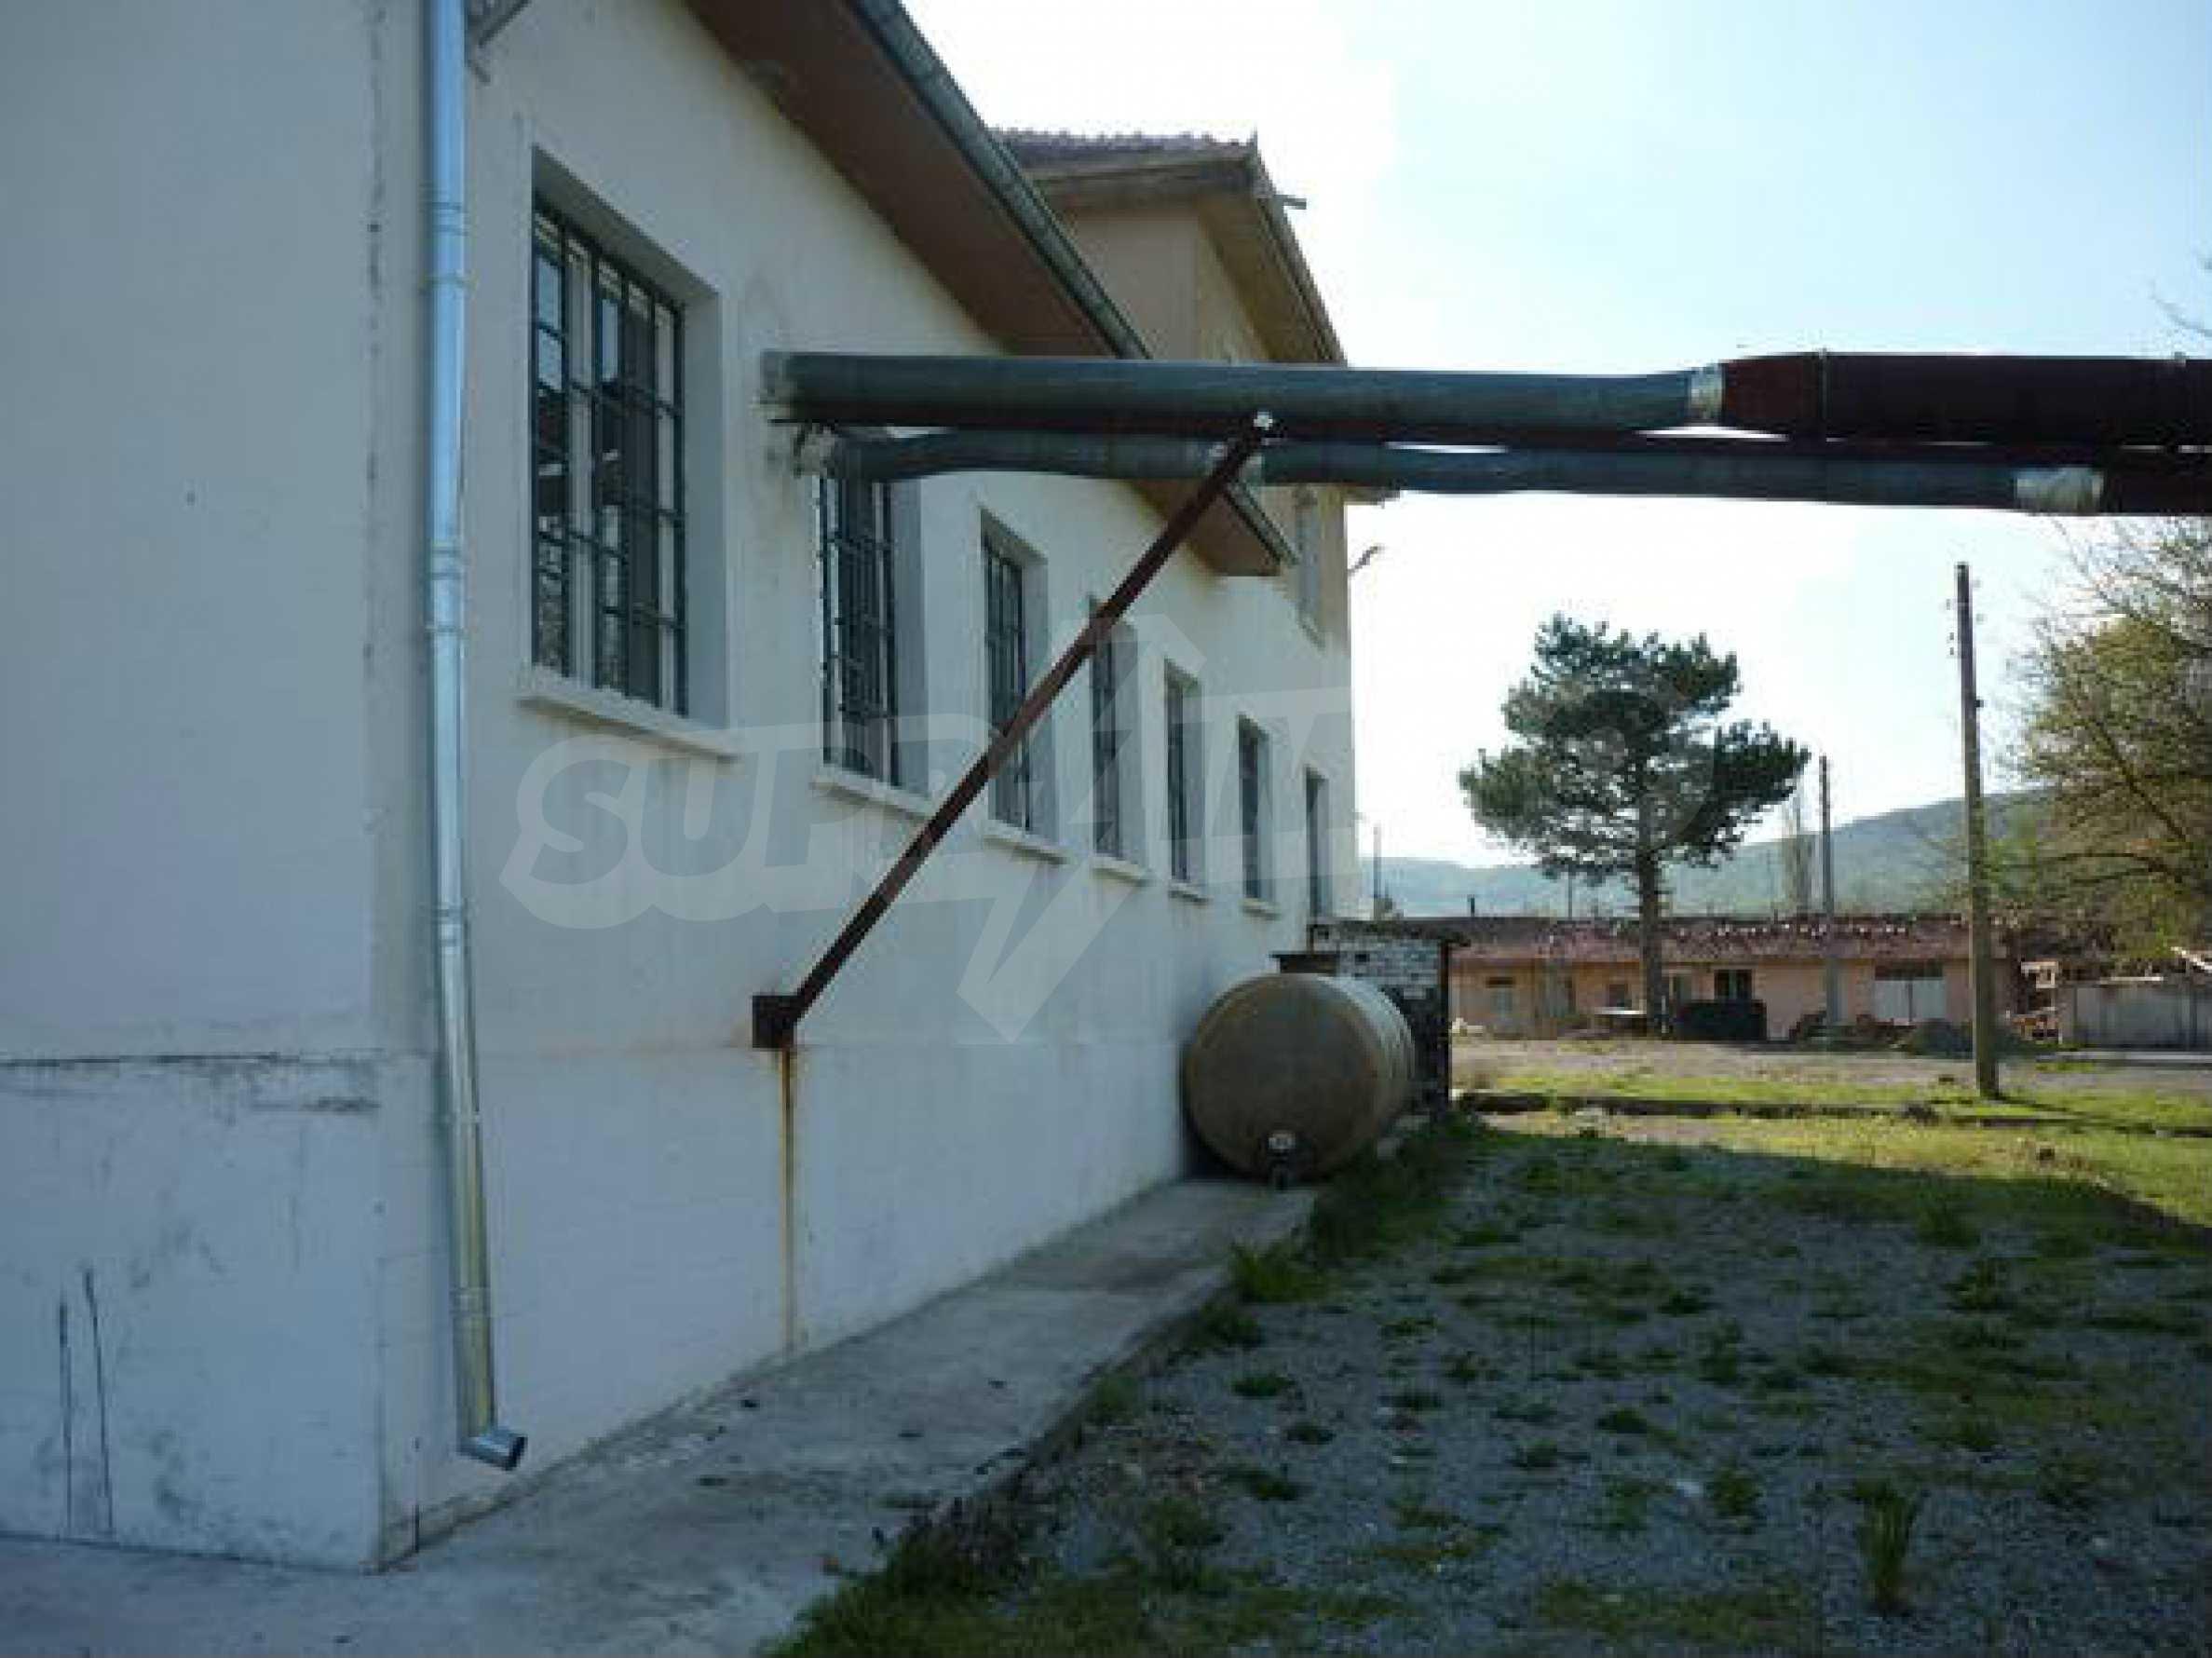 Industriegelände in einem Dorf 6 km von der Stadt Lovech entfernt 9